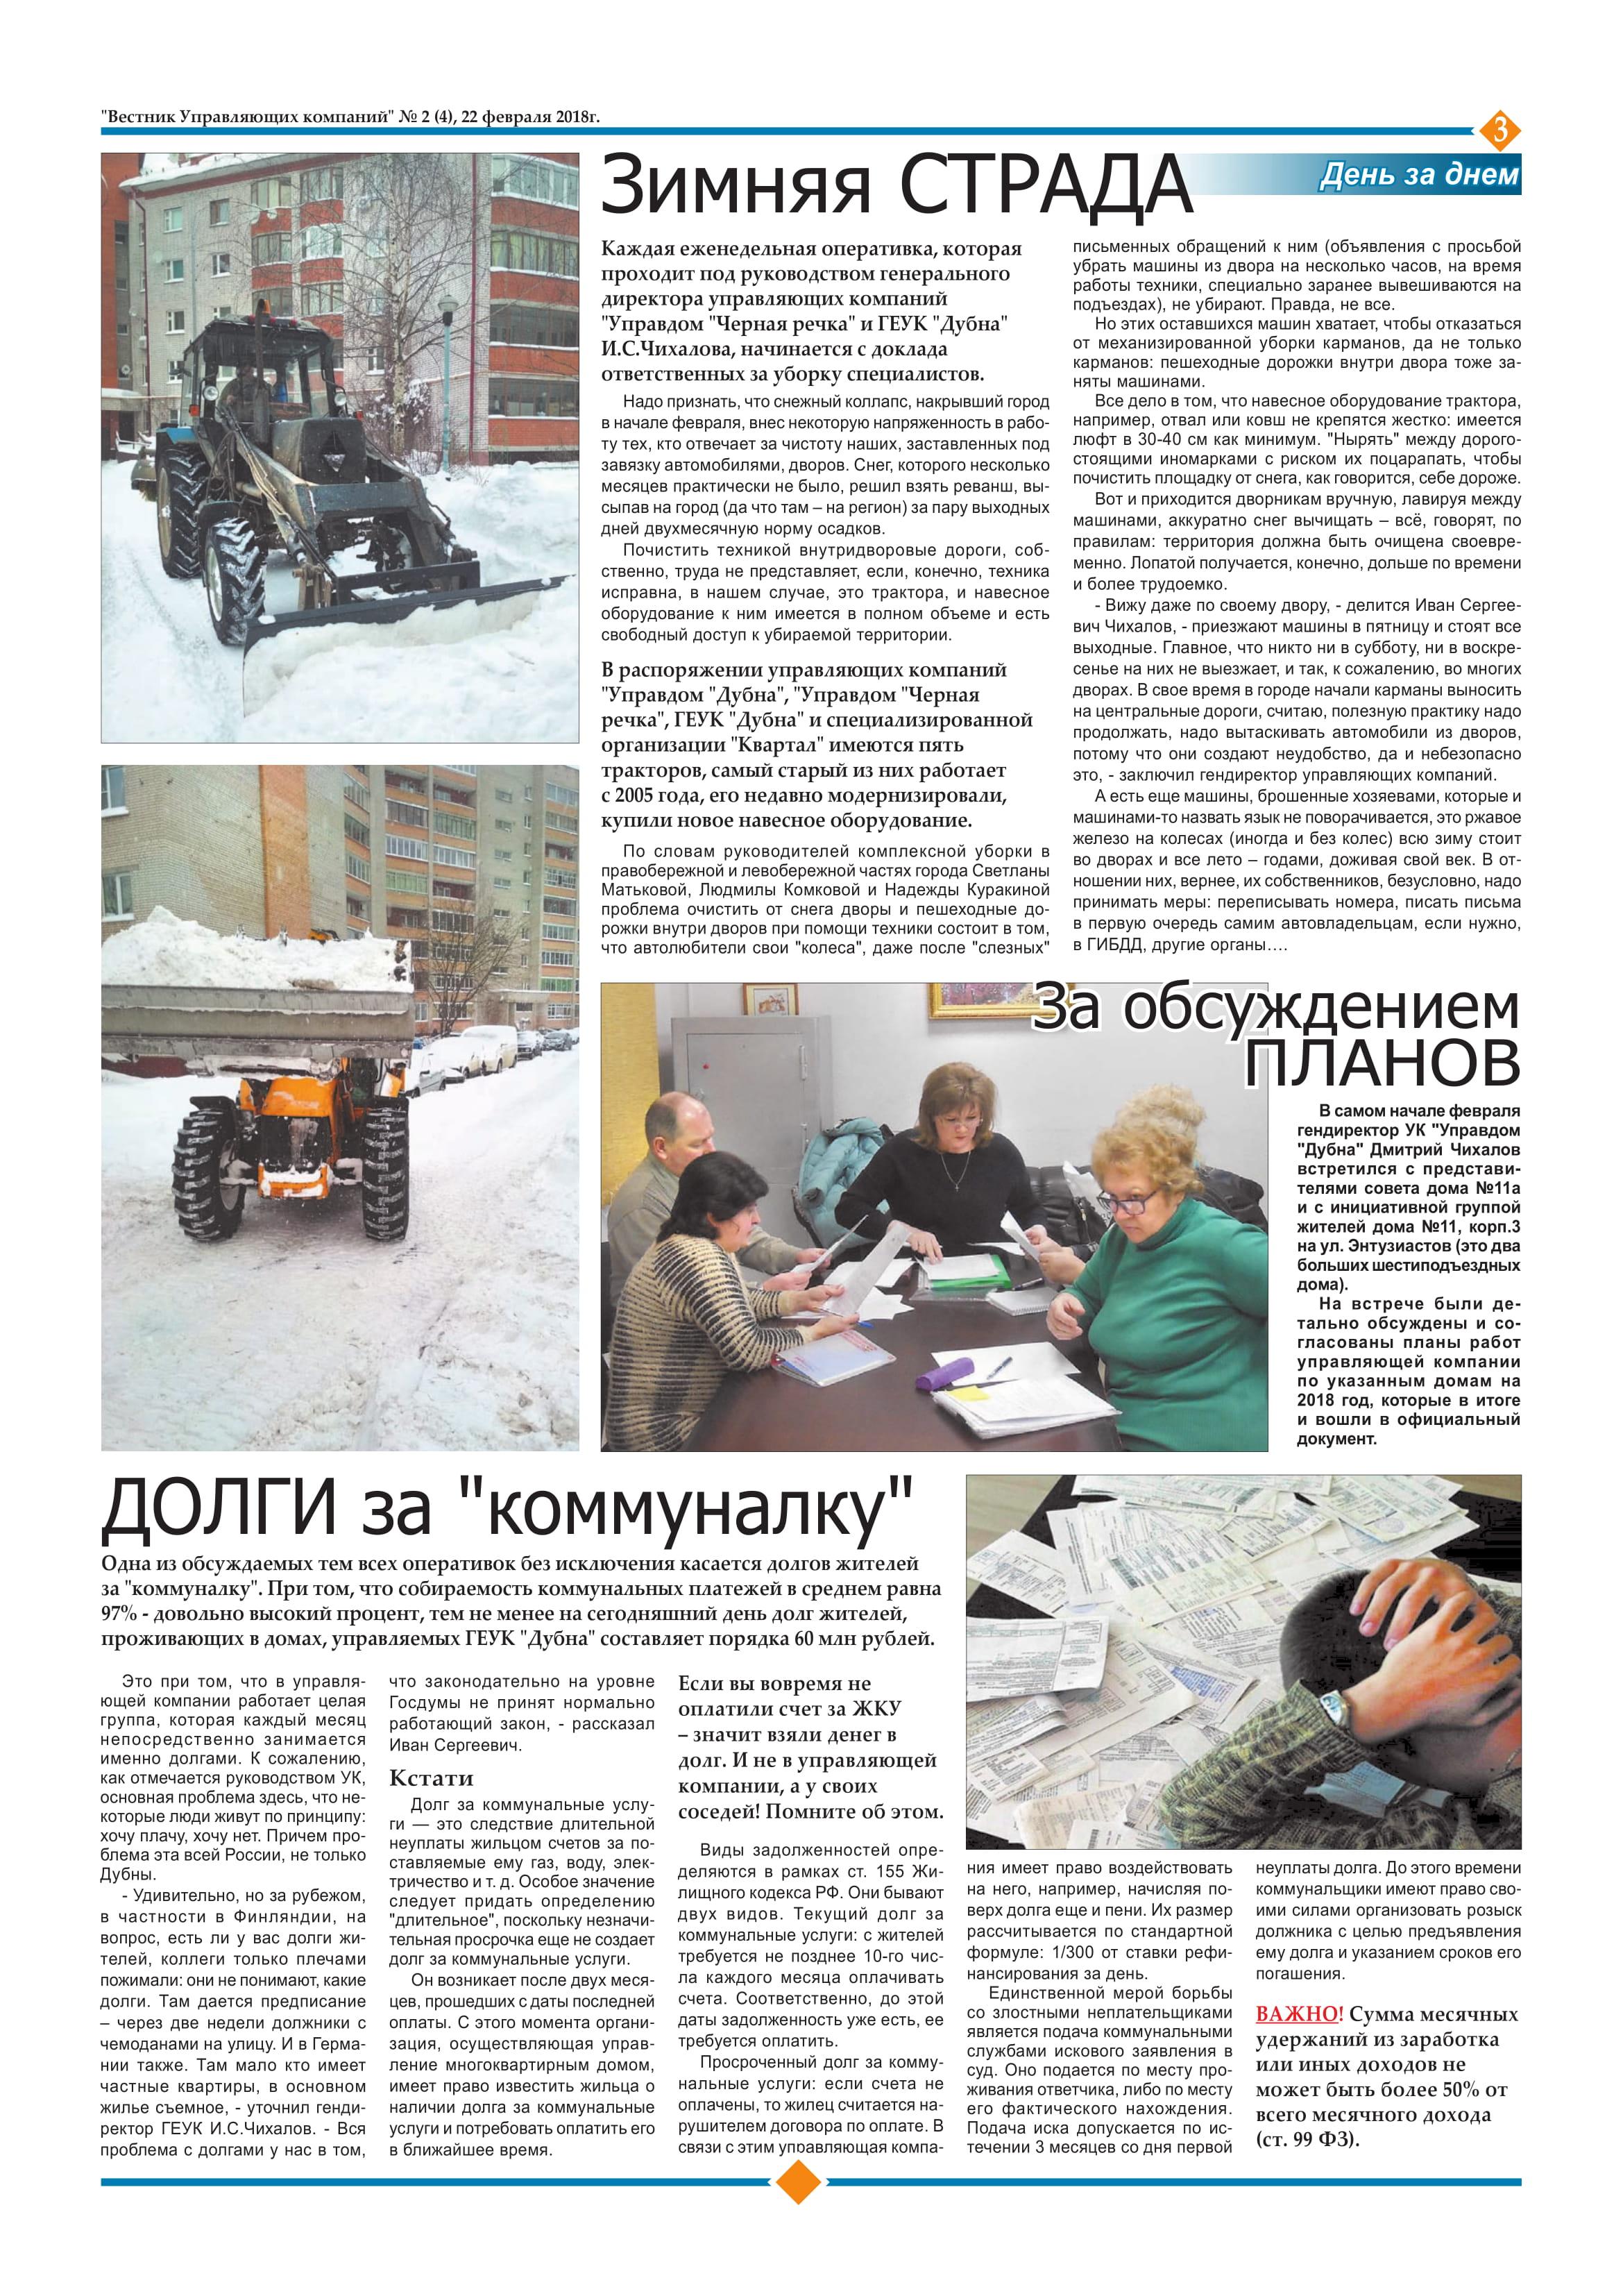 ВУК_выпуск_4_от_22.02.2018-3